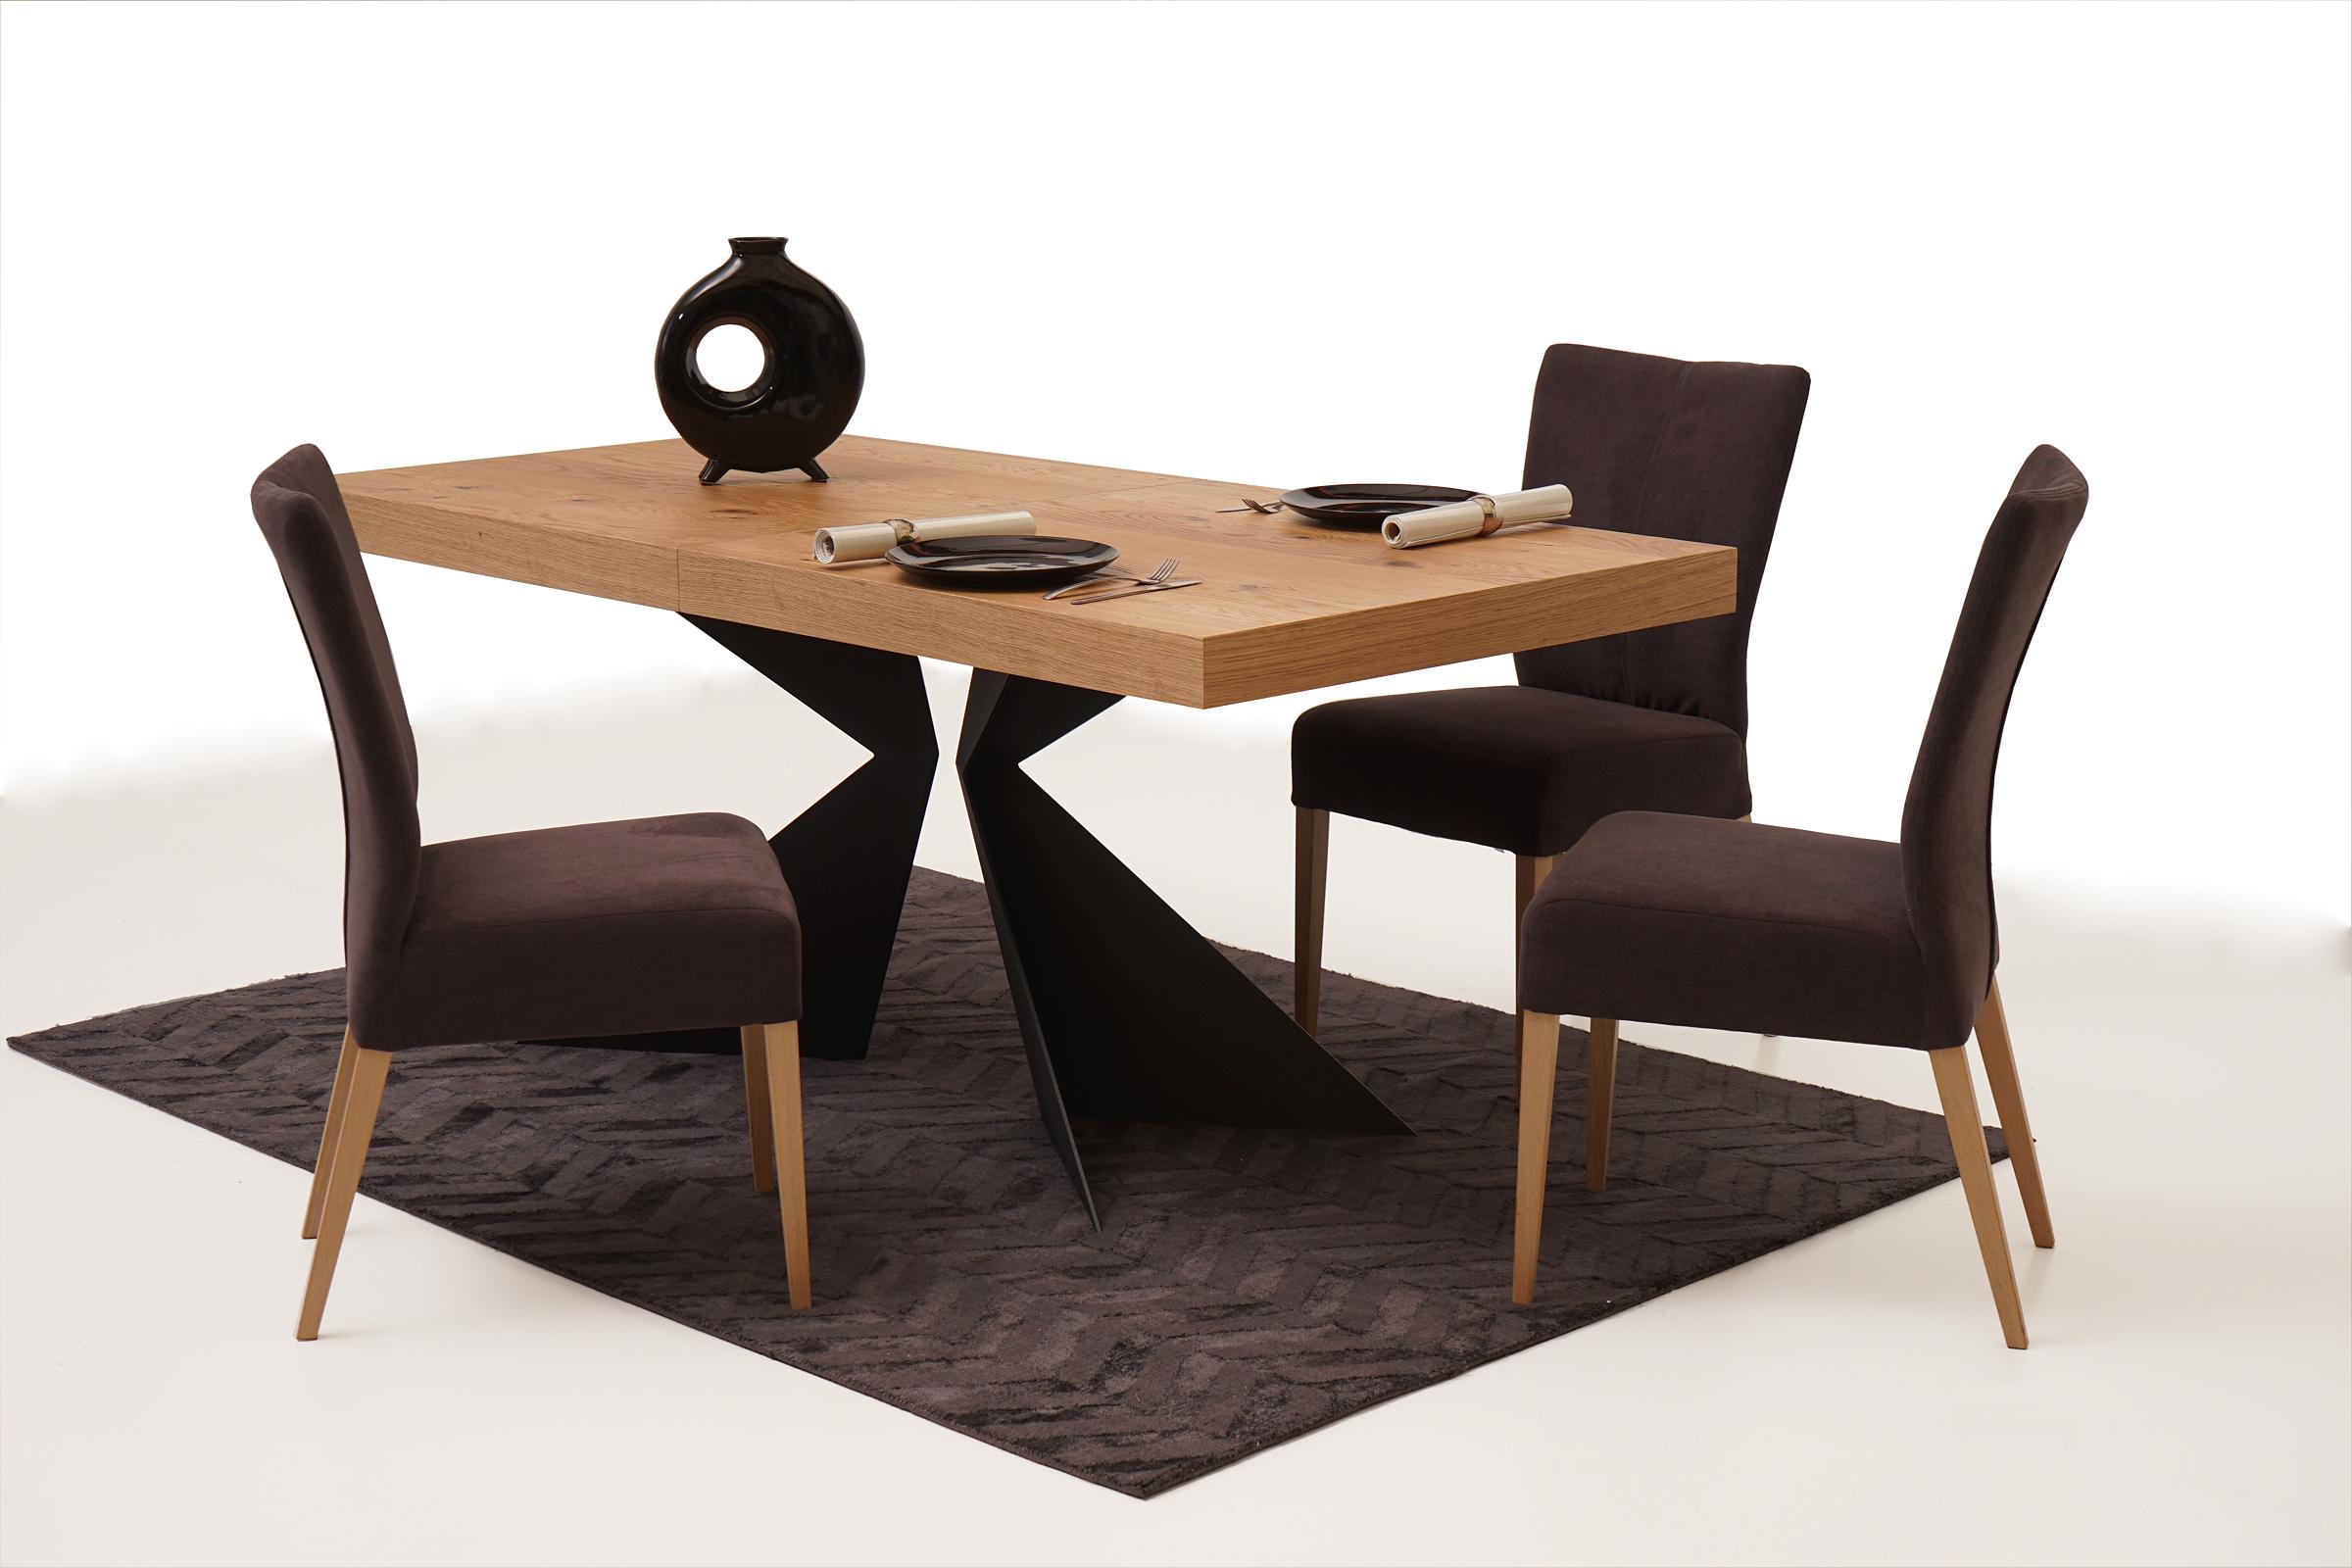 Roums przykład aranżacja salonu stół dębowy nowoczesne krzesła